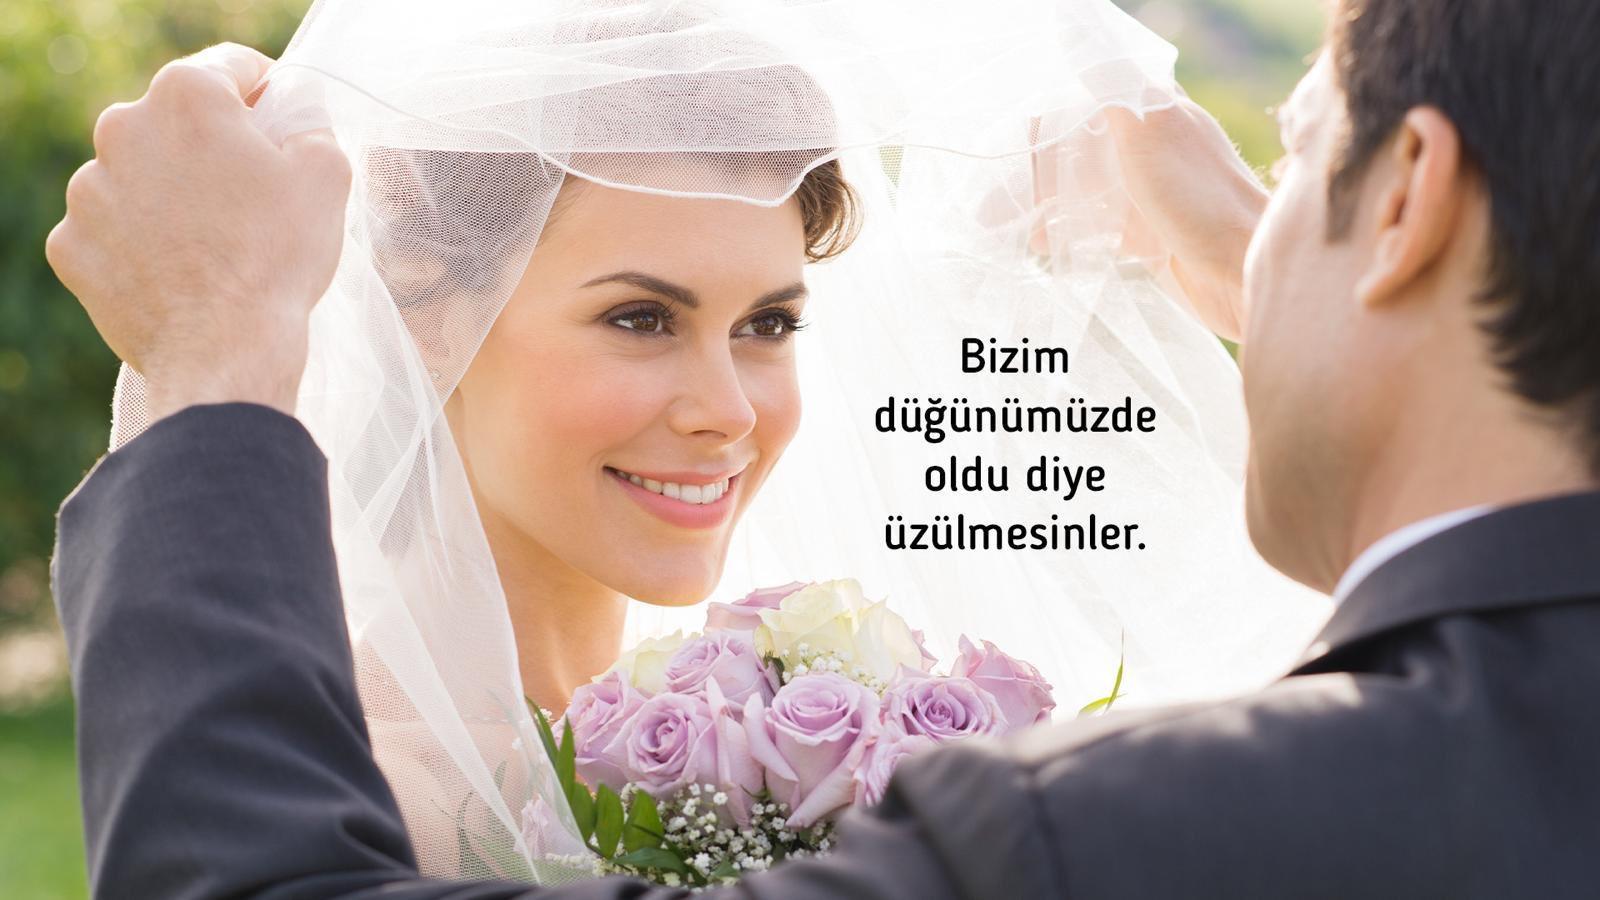 Bakan Koca'dan vatandaşlara düğün uyarısı